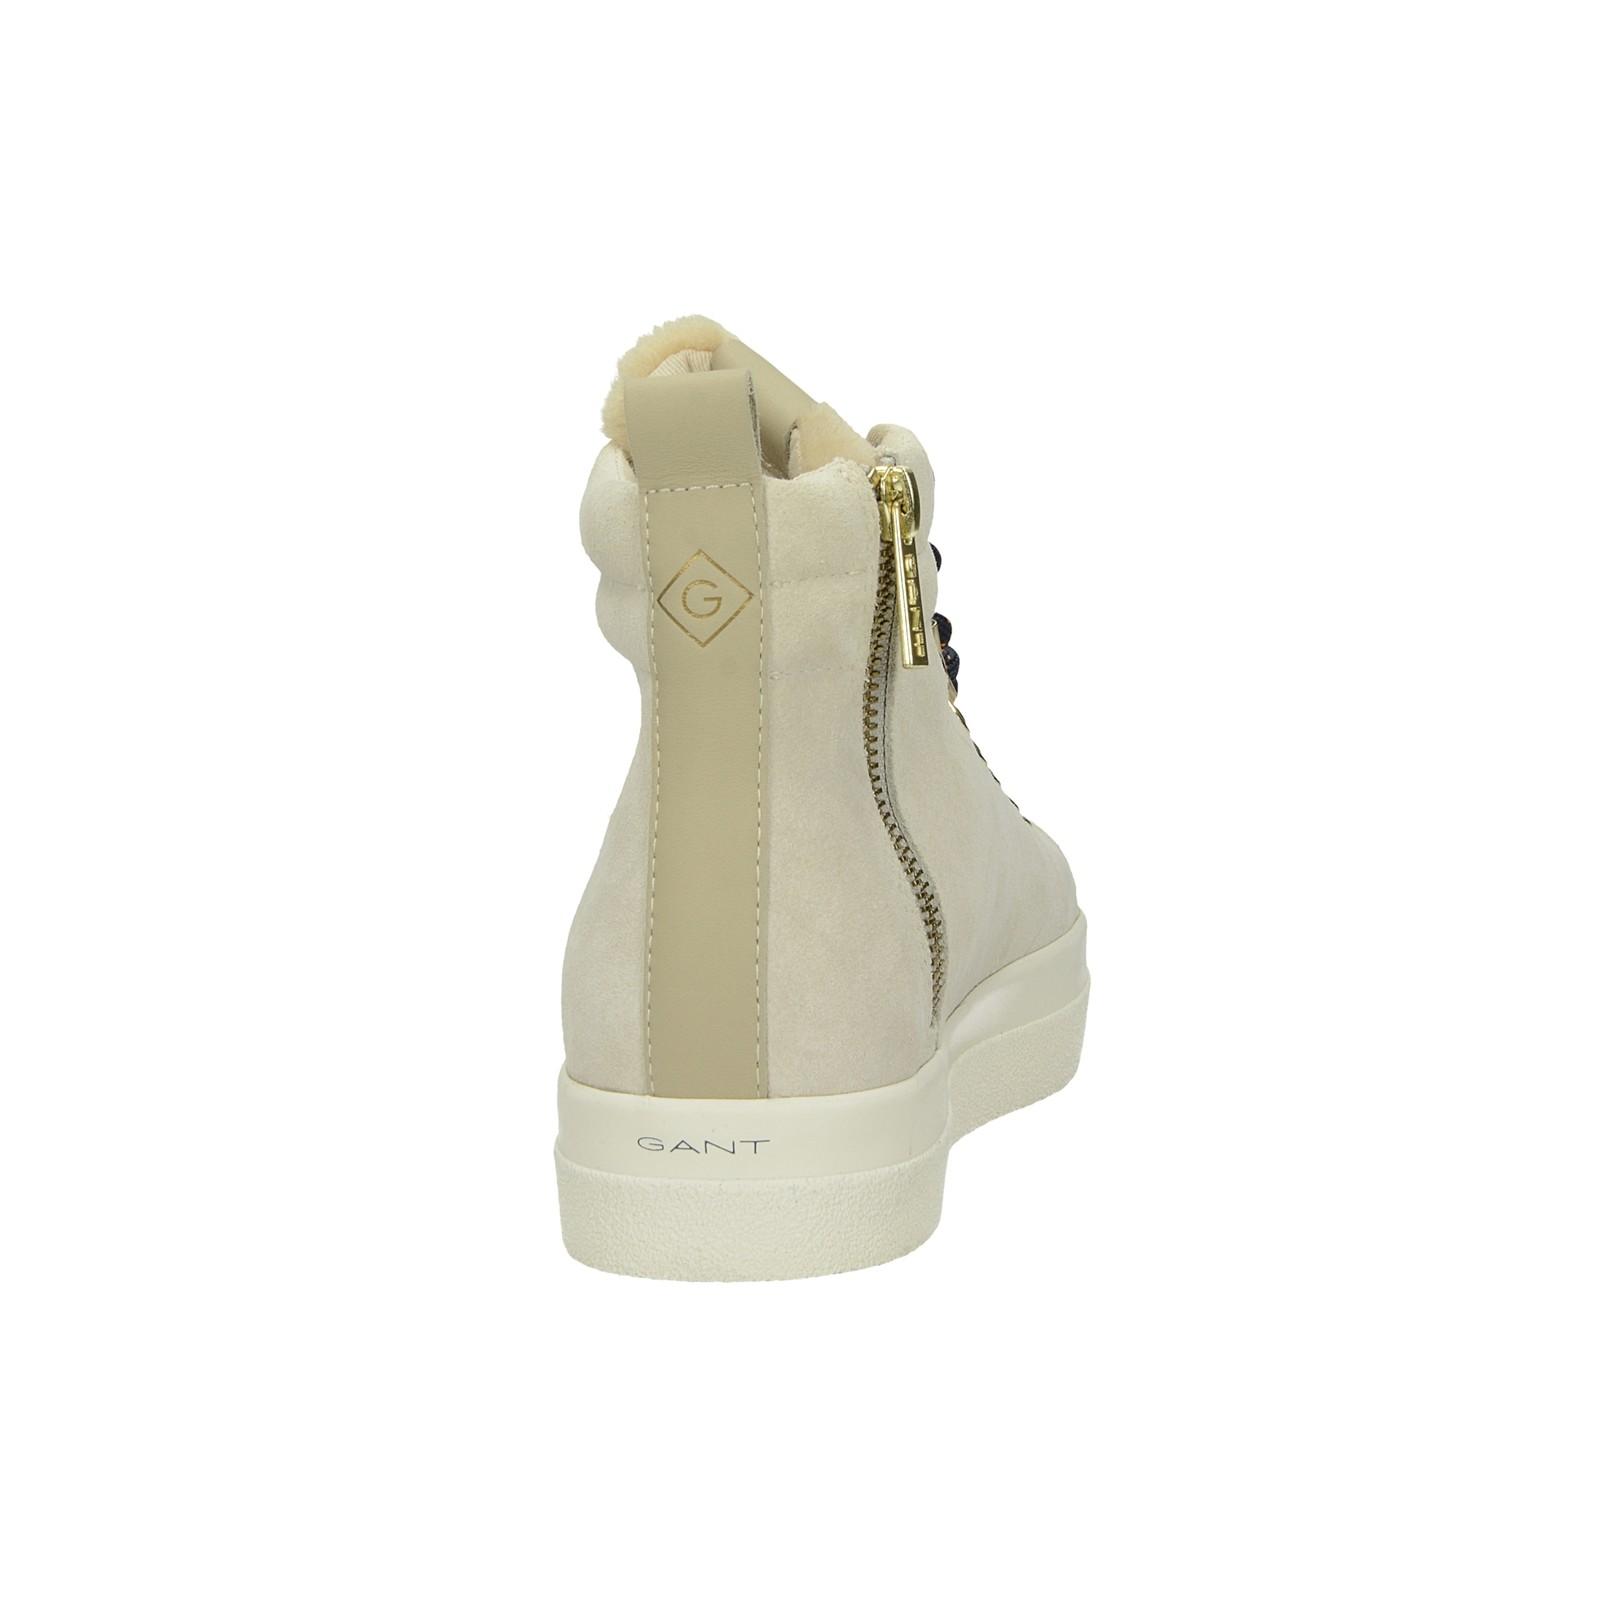 Gant dámske štýlové semišové kotníky - béžové